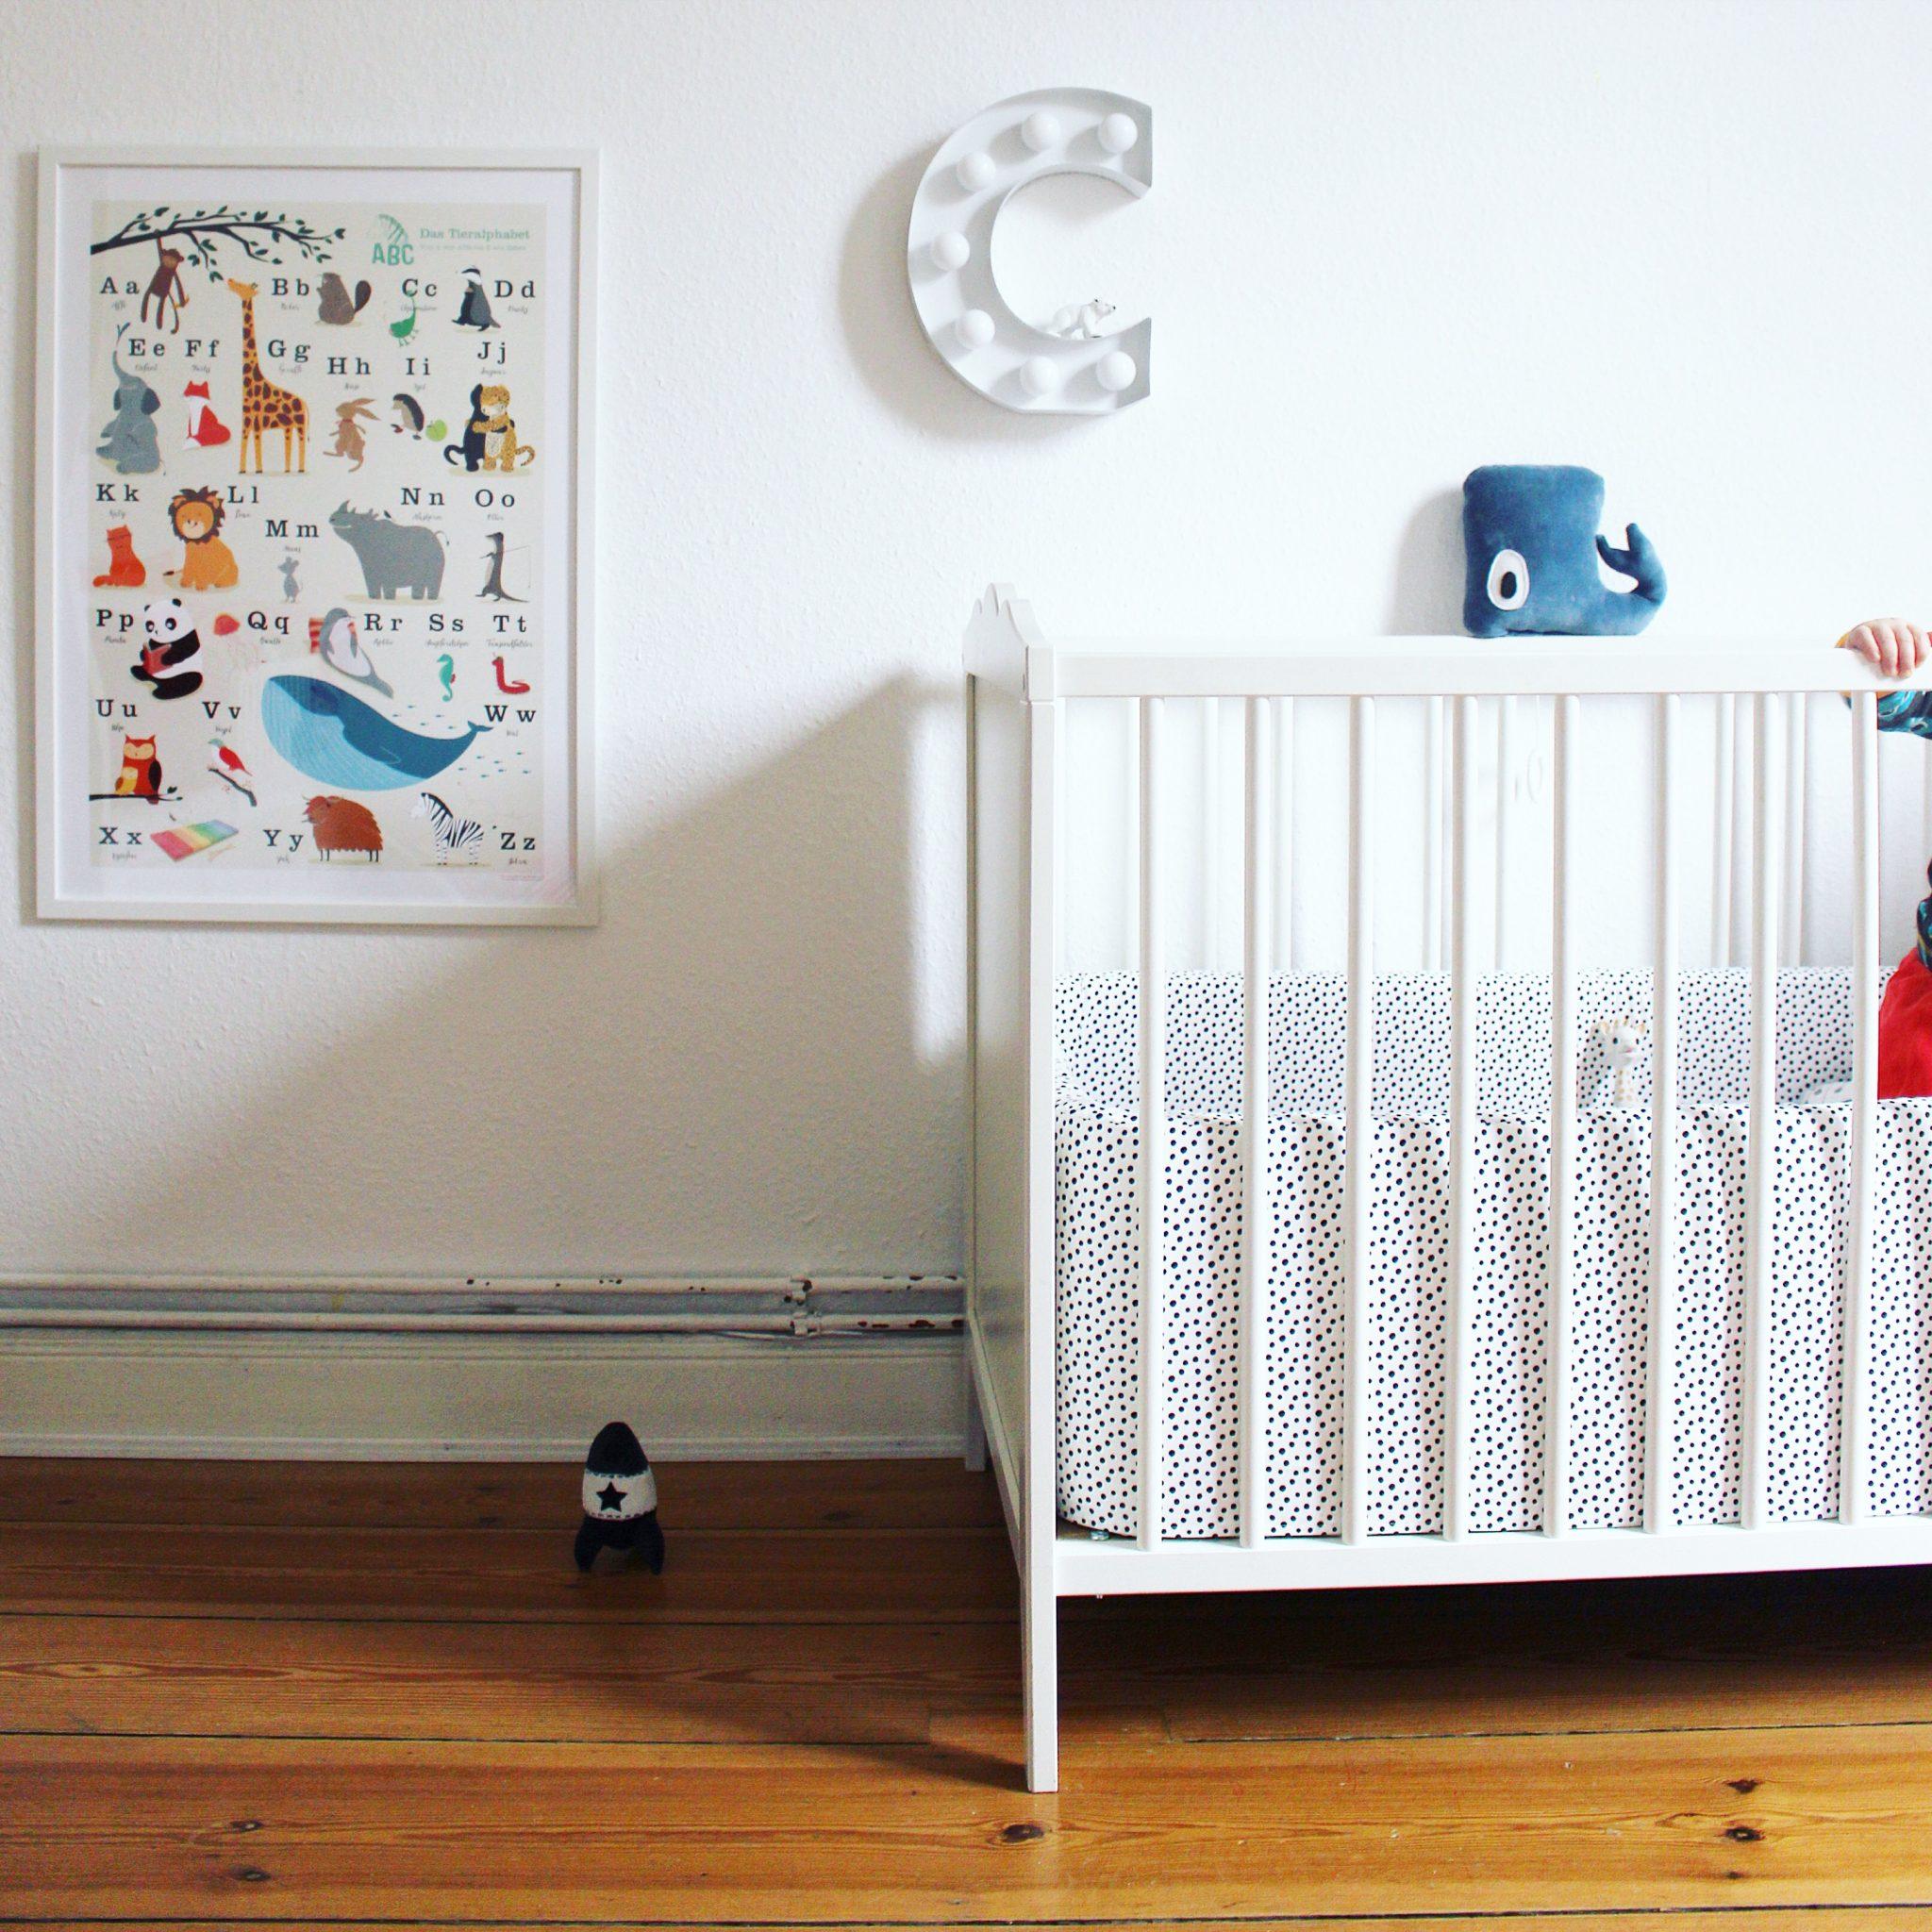 Schöne Ideen für Baby- und Kinderzimmer Dekoration plus Giveaway ...